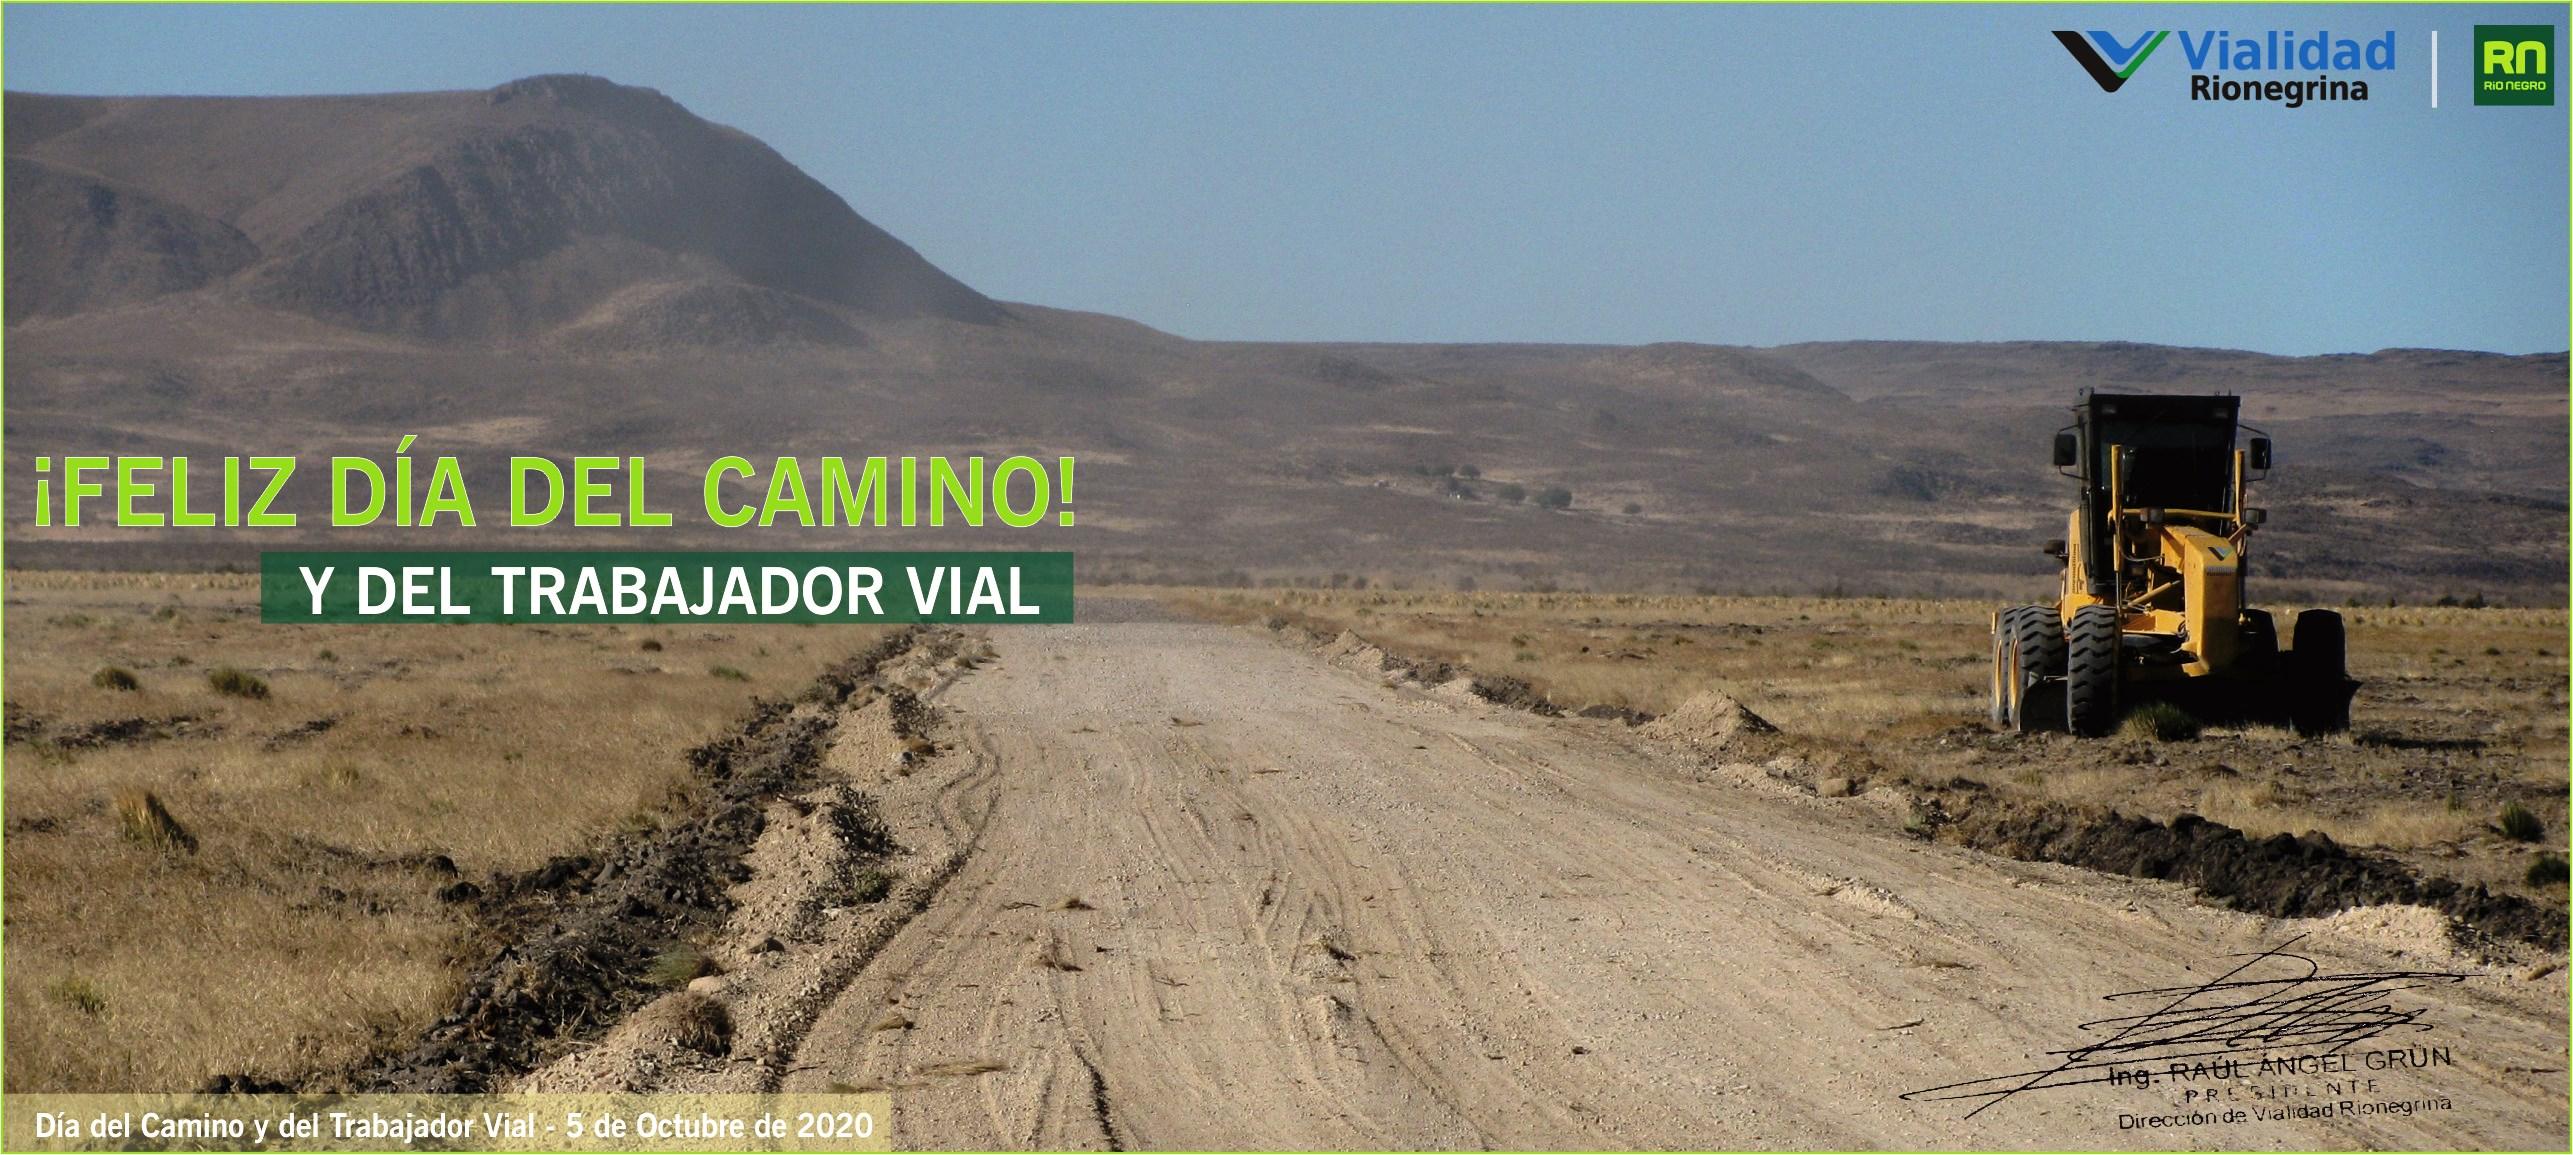 Tarjeta dia del Camino 2020 - 5 Octubre